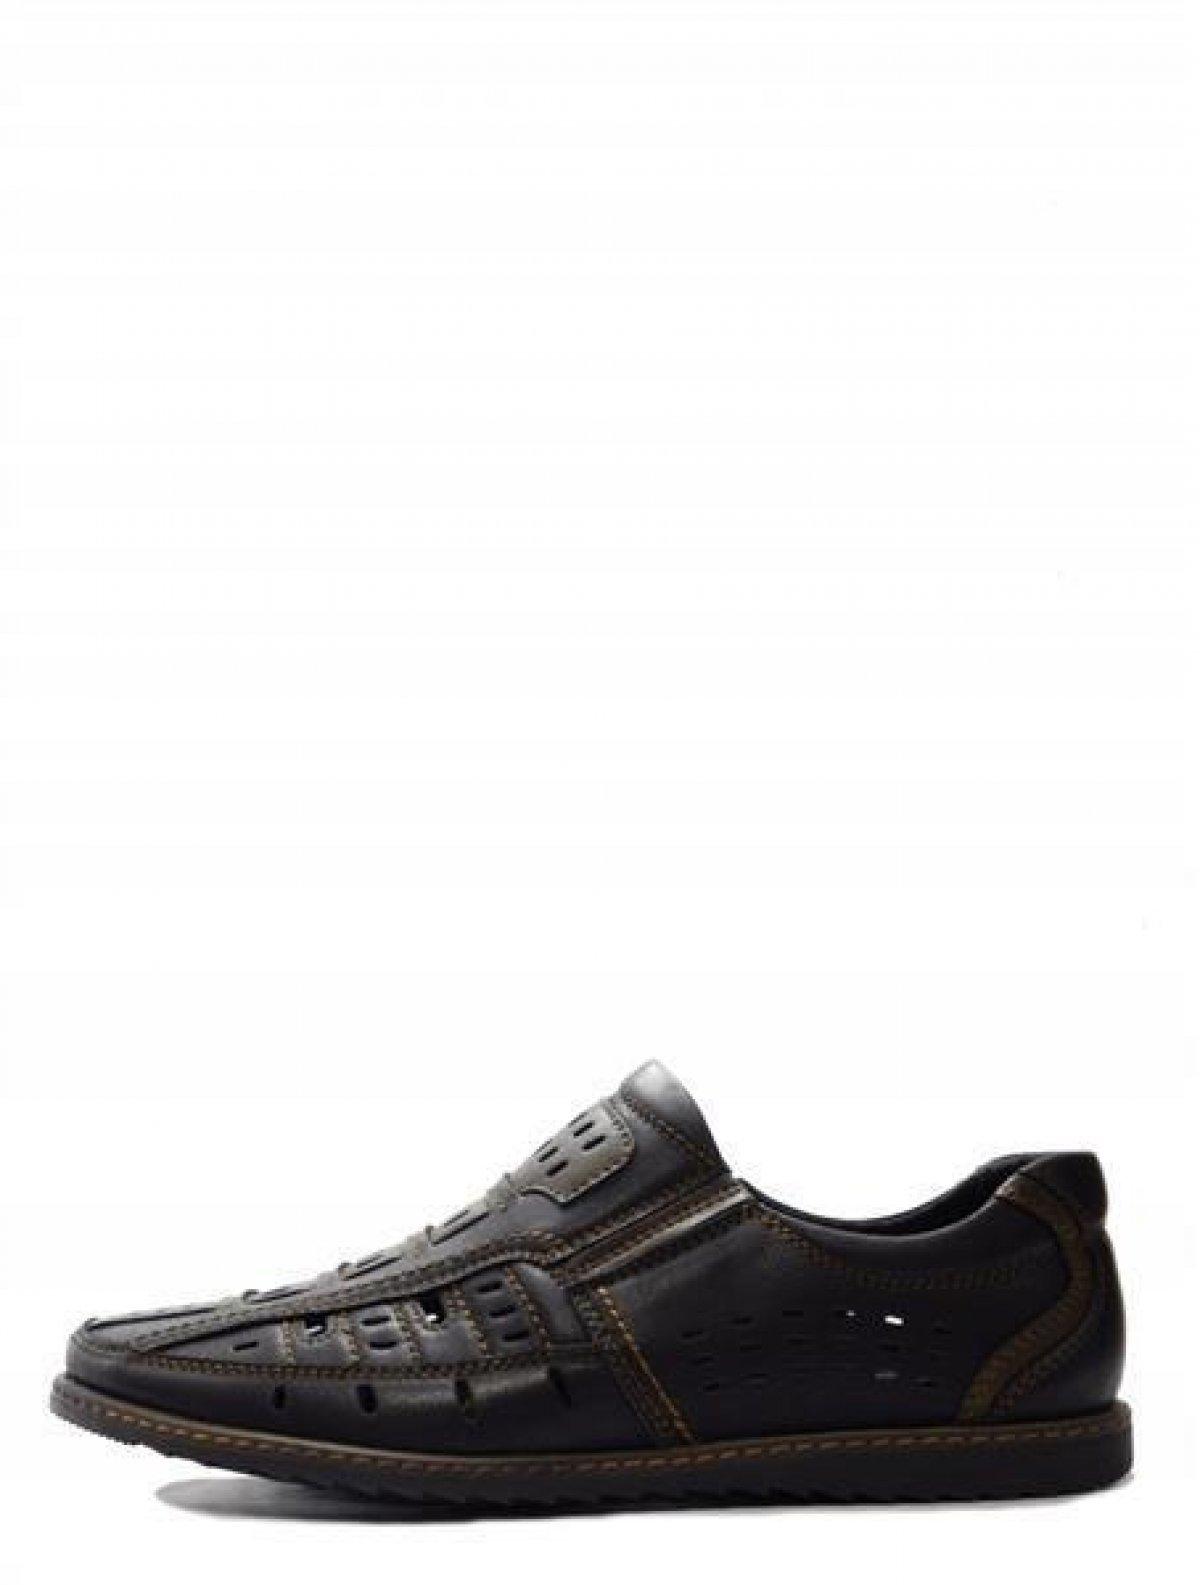 617768-5 туфли мужские